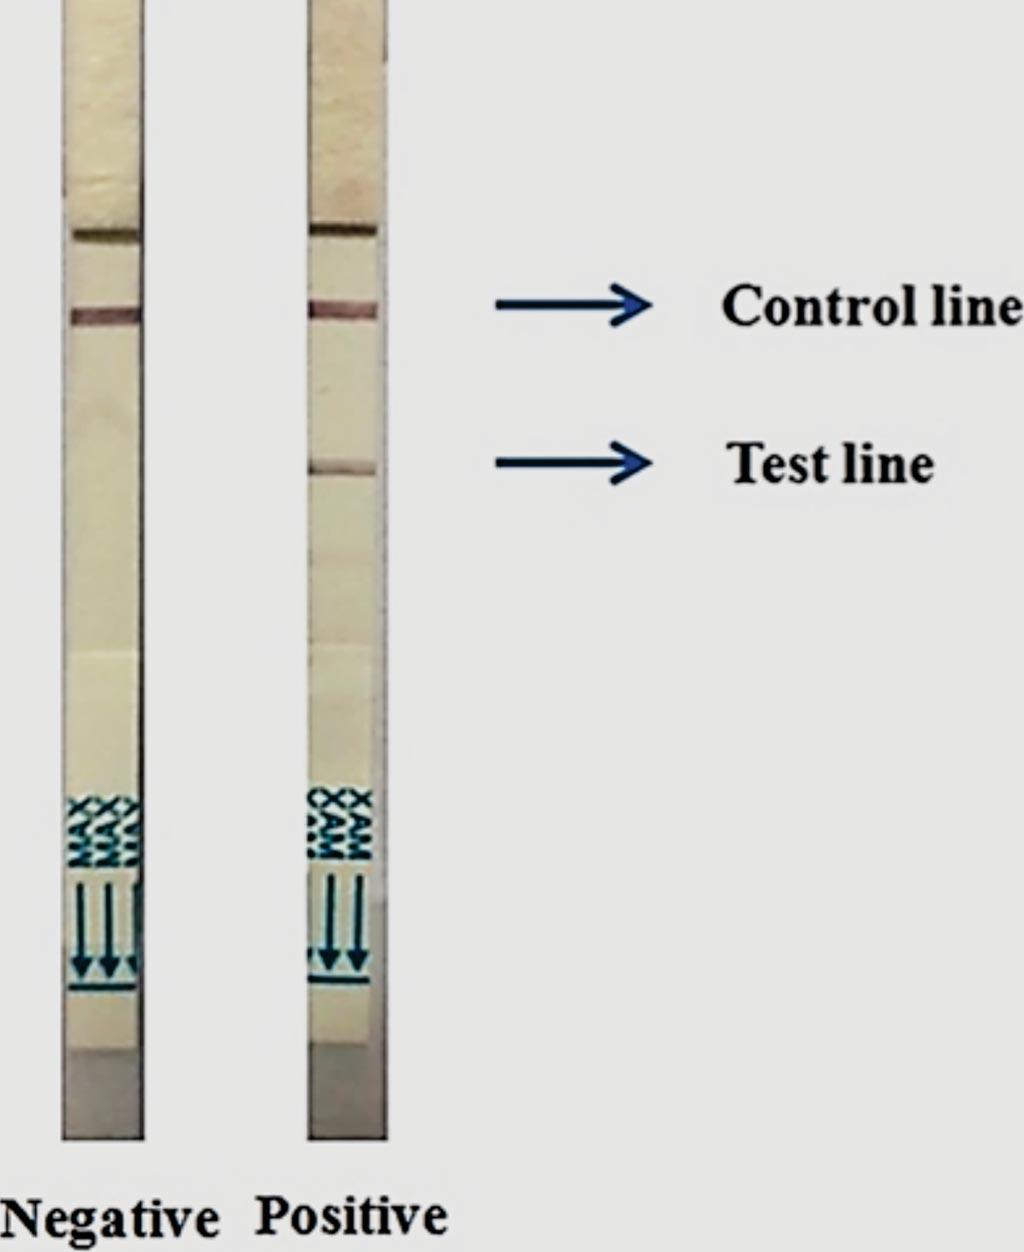 Две тест-полоски Cholkit, показывающие характерные отрицательные (левое изображение) и положительные (правое изображение) результаты после 15-минутного прогона образца (фото предоставлено Международным центром исследований диарейных заболеваний)